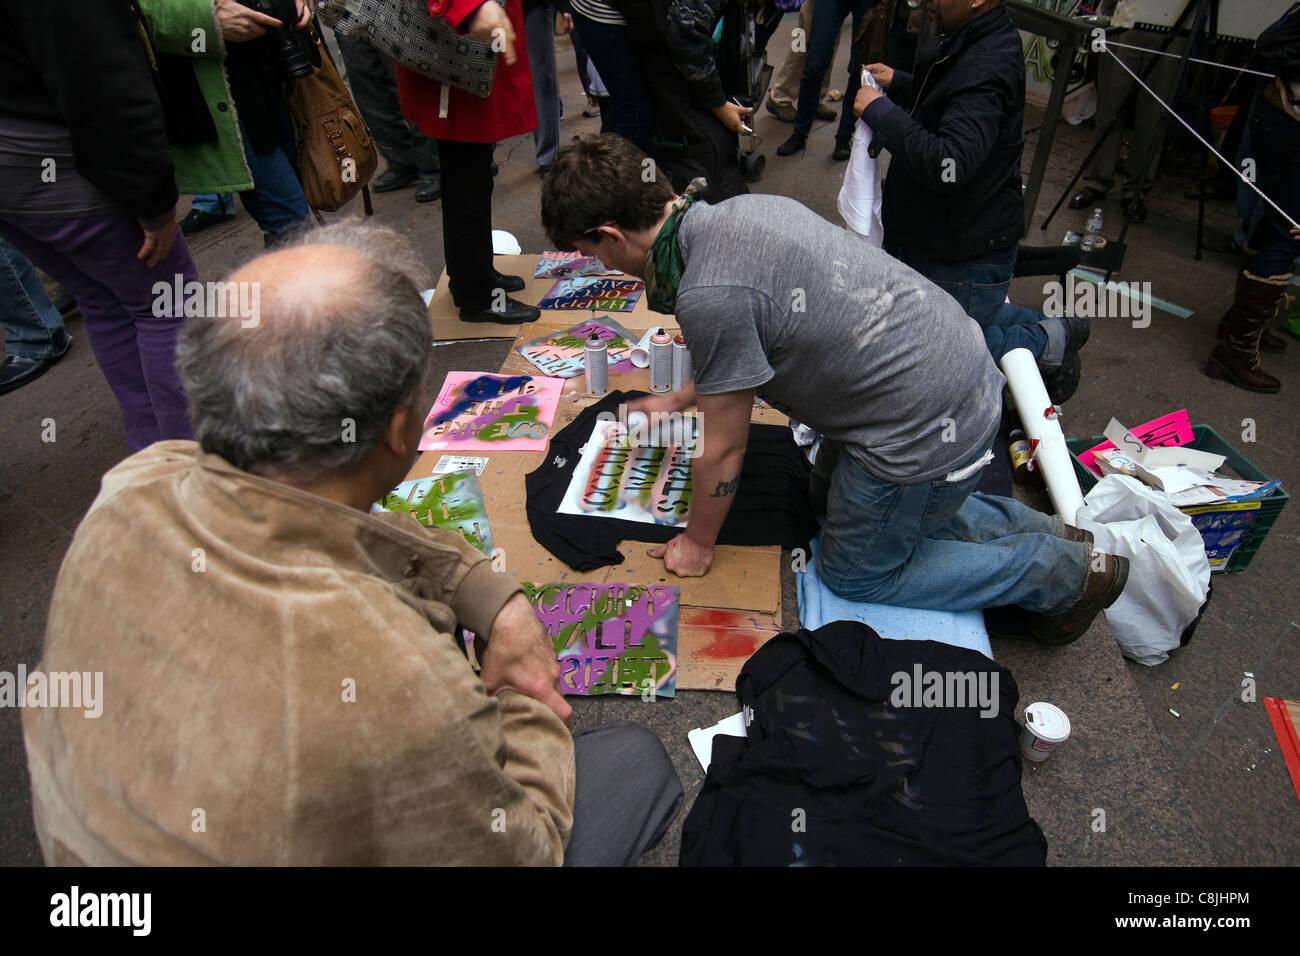 """Occupare Wall Street protester verniciatura a spruzzo """"occupare WALL STREET"""" su una T-shirt nera all'interno Immagini Stock"""